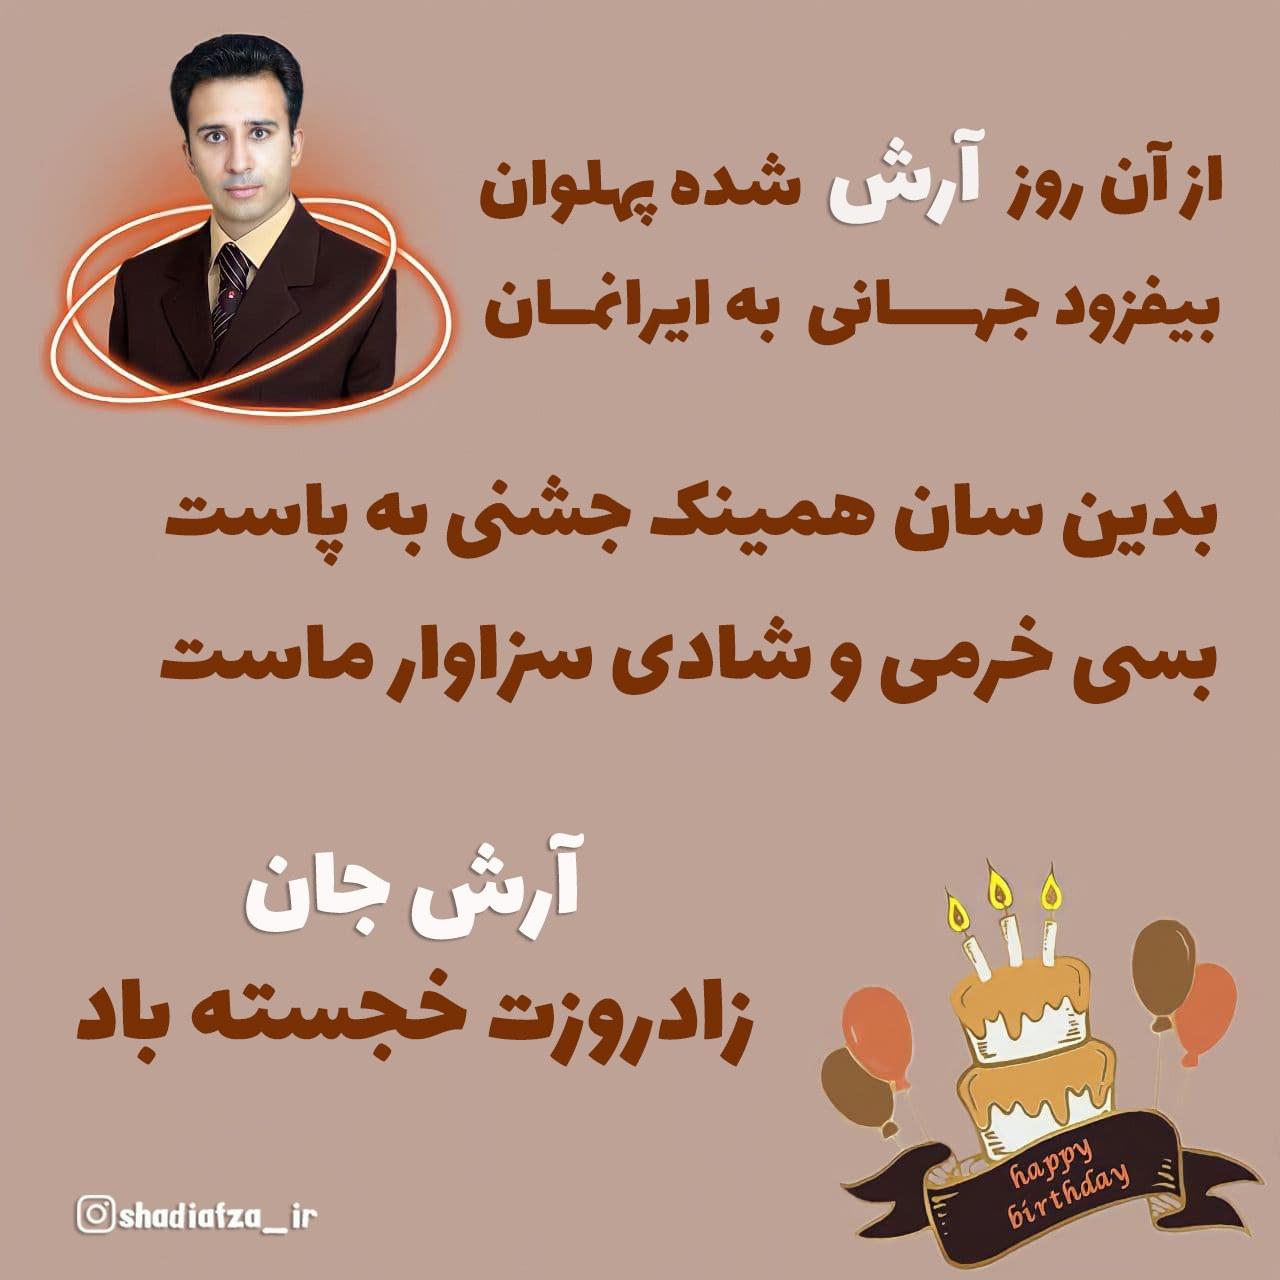 تولد آرش مبارک